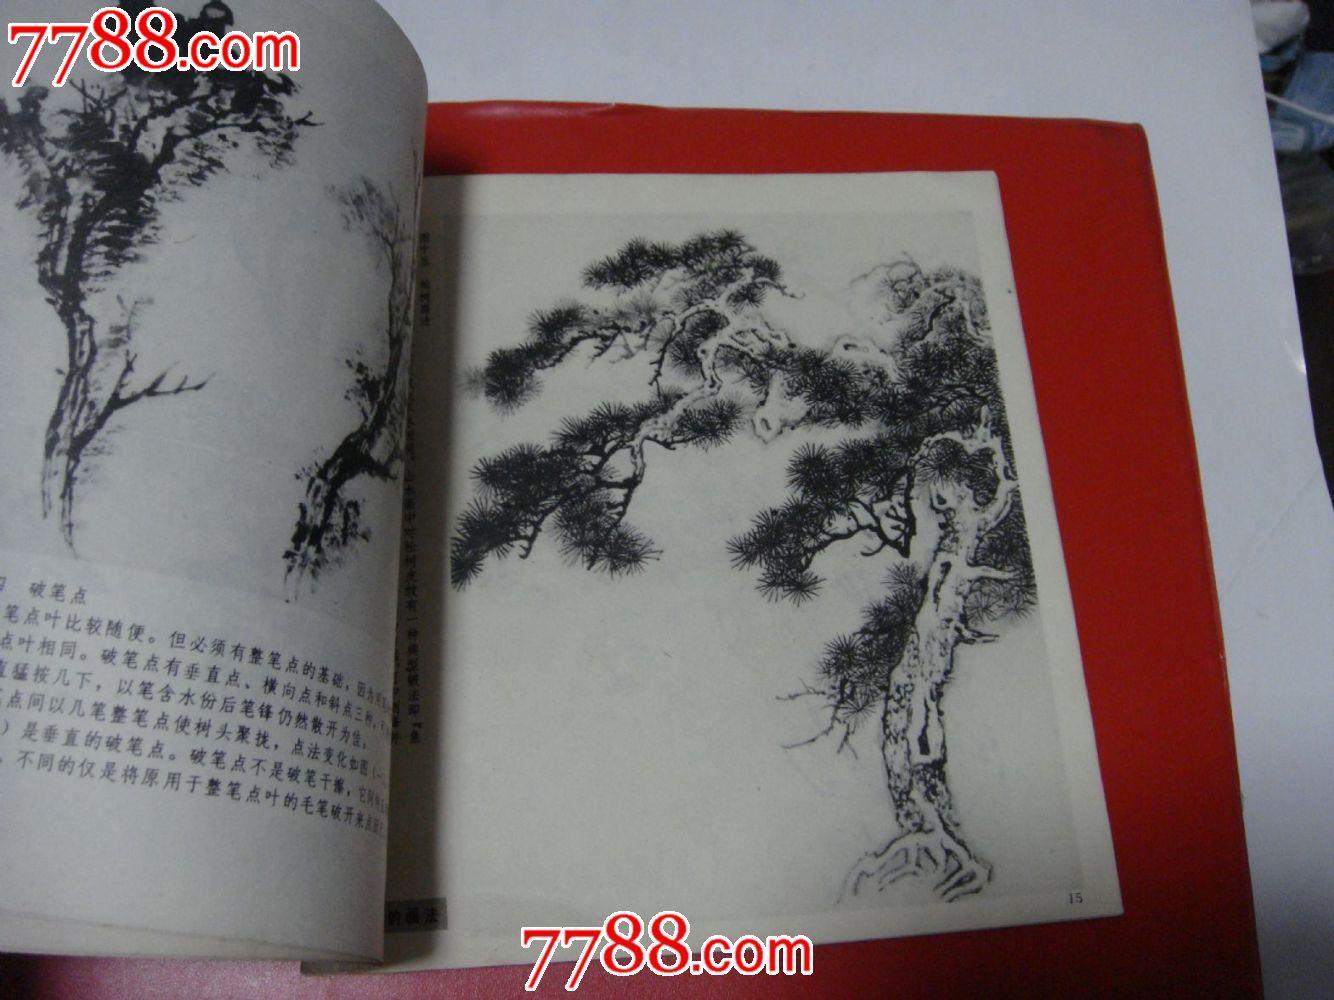 在中国画里面,应该如何画树?(图3)  在中国画里面,应该如何画树?(图7)  在中国画里面,应该如何画树?(图11)  在中国画里面,应该如何画树?(图30)  在中国画里面,应该如何画树?(图33) 山水画的树大都取材于乔木、灌木和藤蔓植物, 尤以乔木为多。 林木是山川的衣装,它覆盖着山峦, 给大自然予生机,众山交会,点丛树以为深。 细路斜穿,缀荒林而自远。  山水以树始,画树以树干为先。 树木的造型,无外是树干的高低、出入、曲址、倚扶之状。 画树木,要有攒攒聚疏散,以浓阴深浅分其远近,大处着眼,小